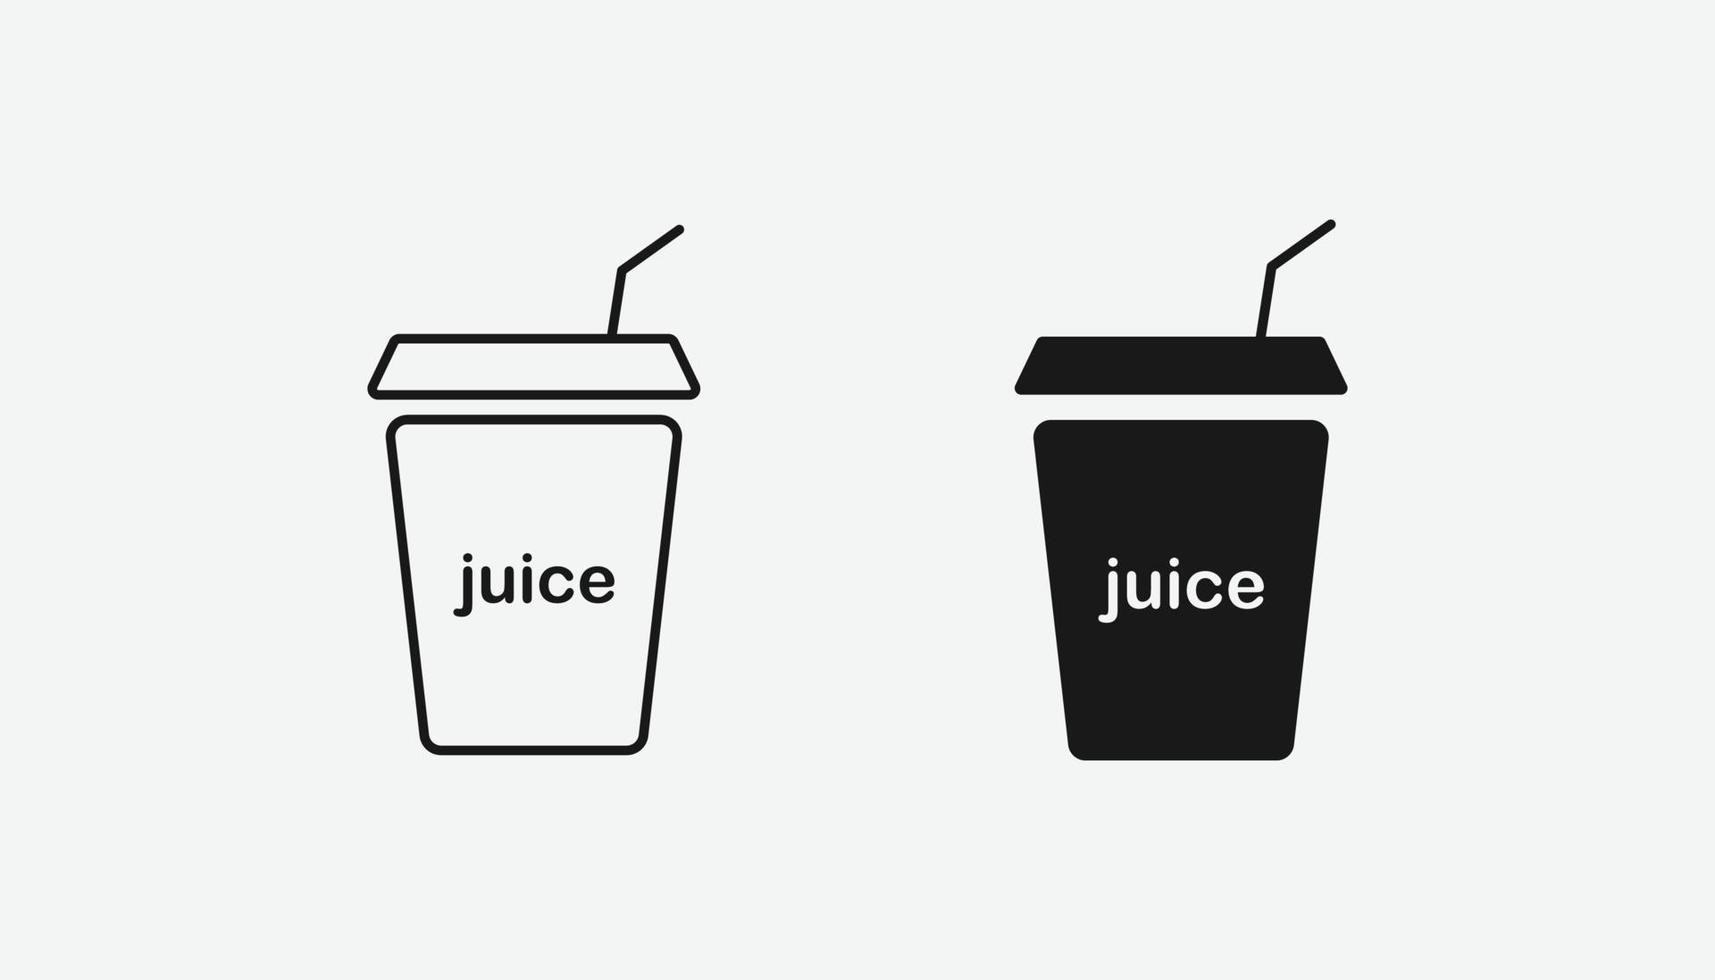 juice vektor ikon symbol för webbplats och mobil app